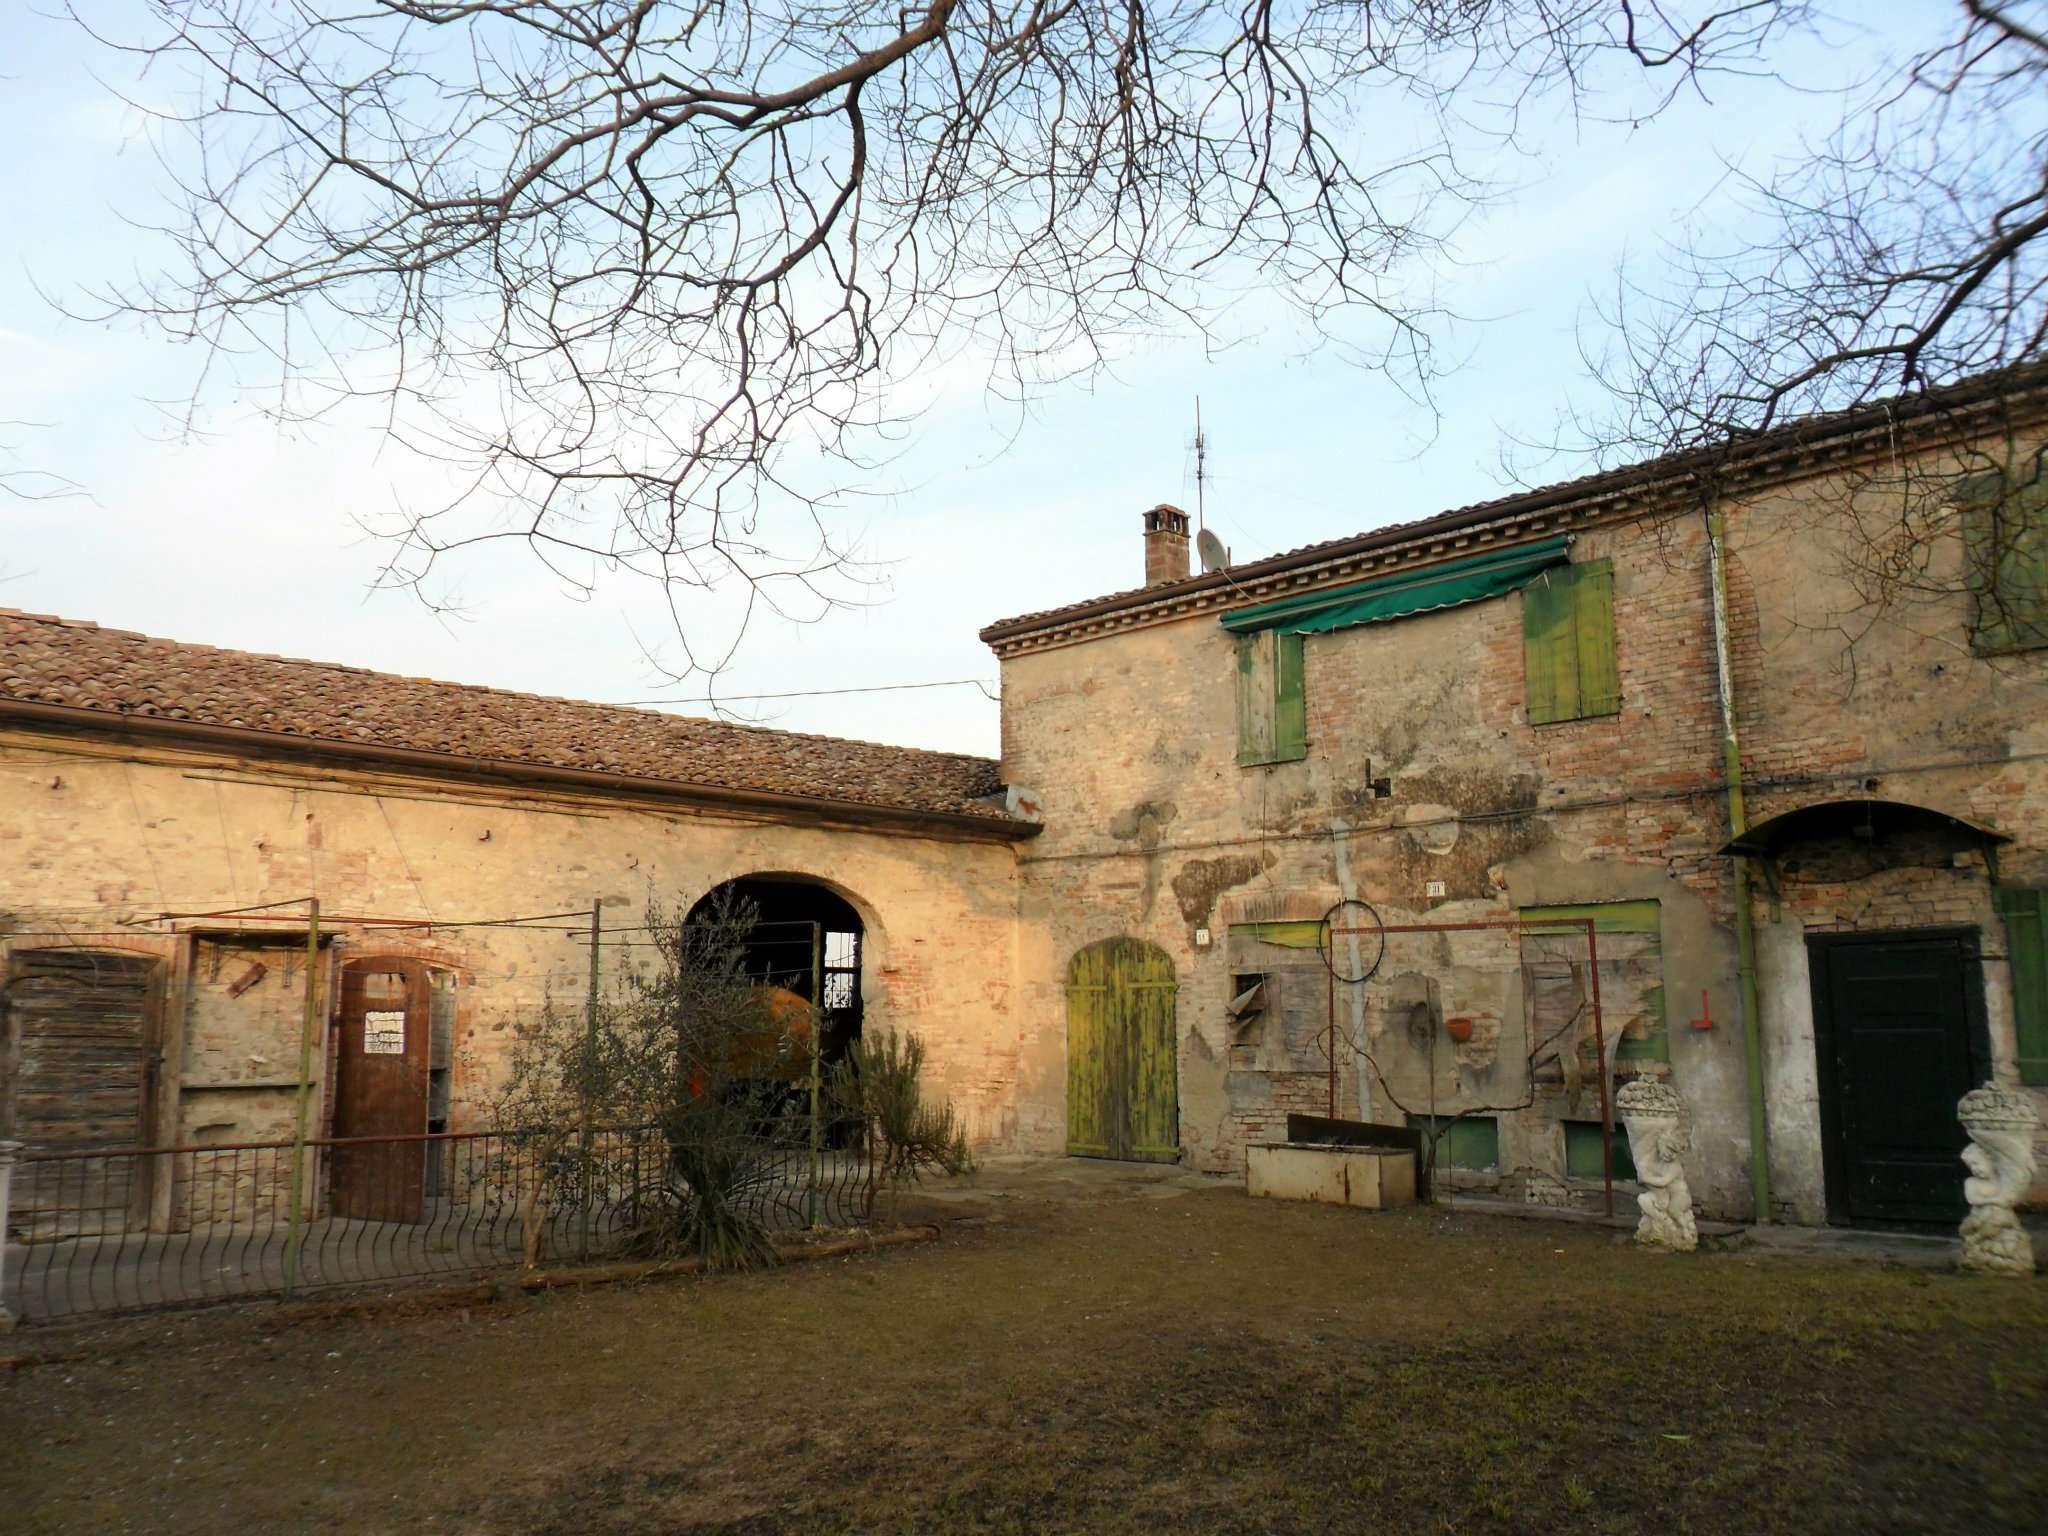 Rustico / Casale in vendita a Fontevivo, 6 locali, prezzo € 150.000 | Cambio Casa.it